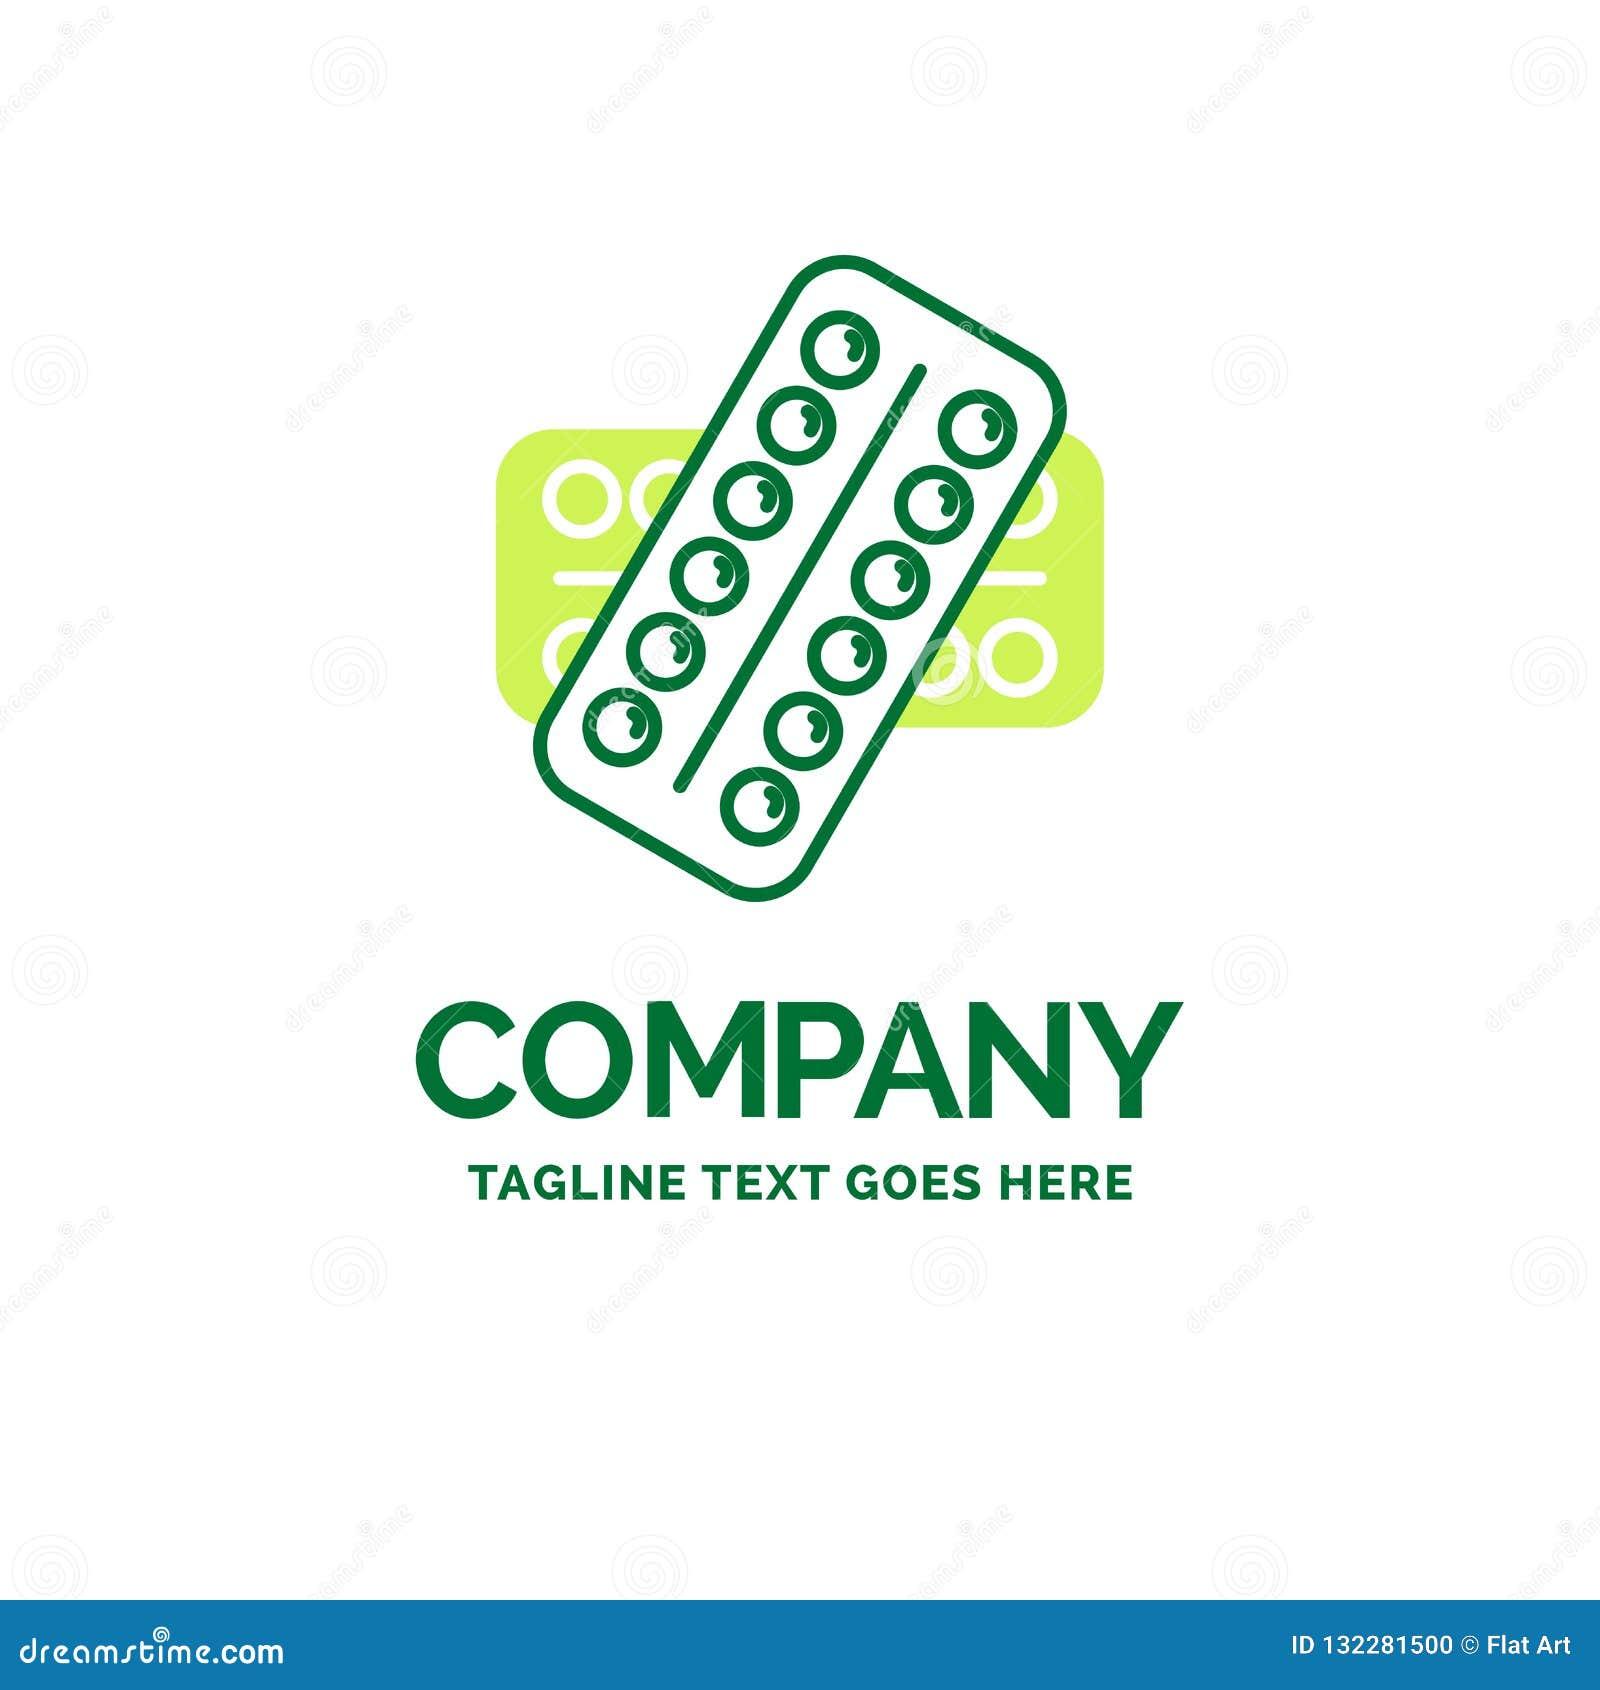 Medicina, píldora, drogas, tableta, templa plano paciente del logotipo del negocio